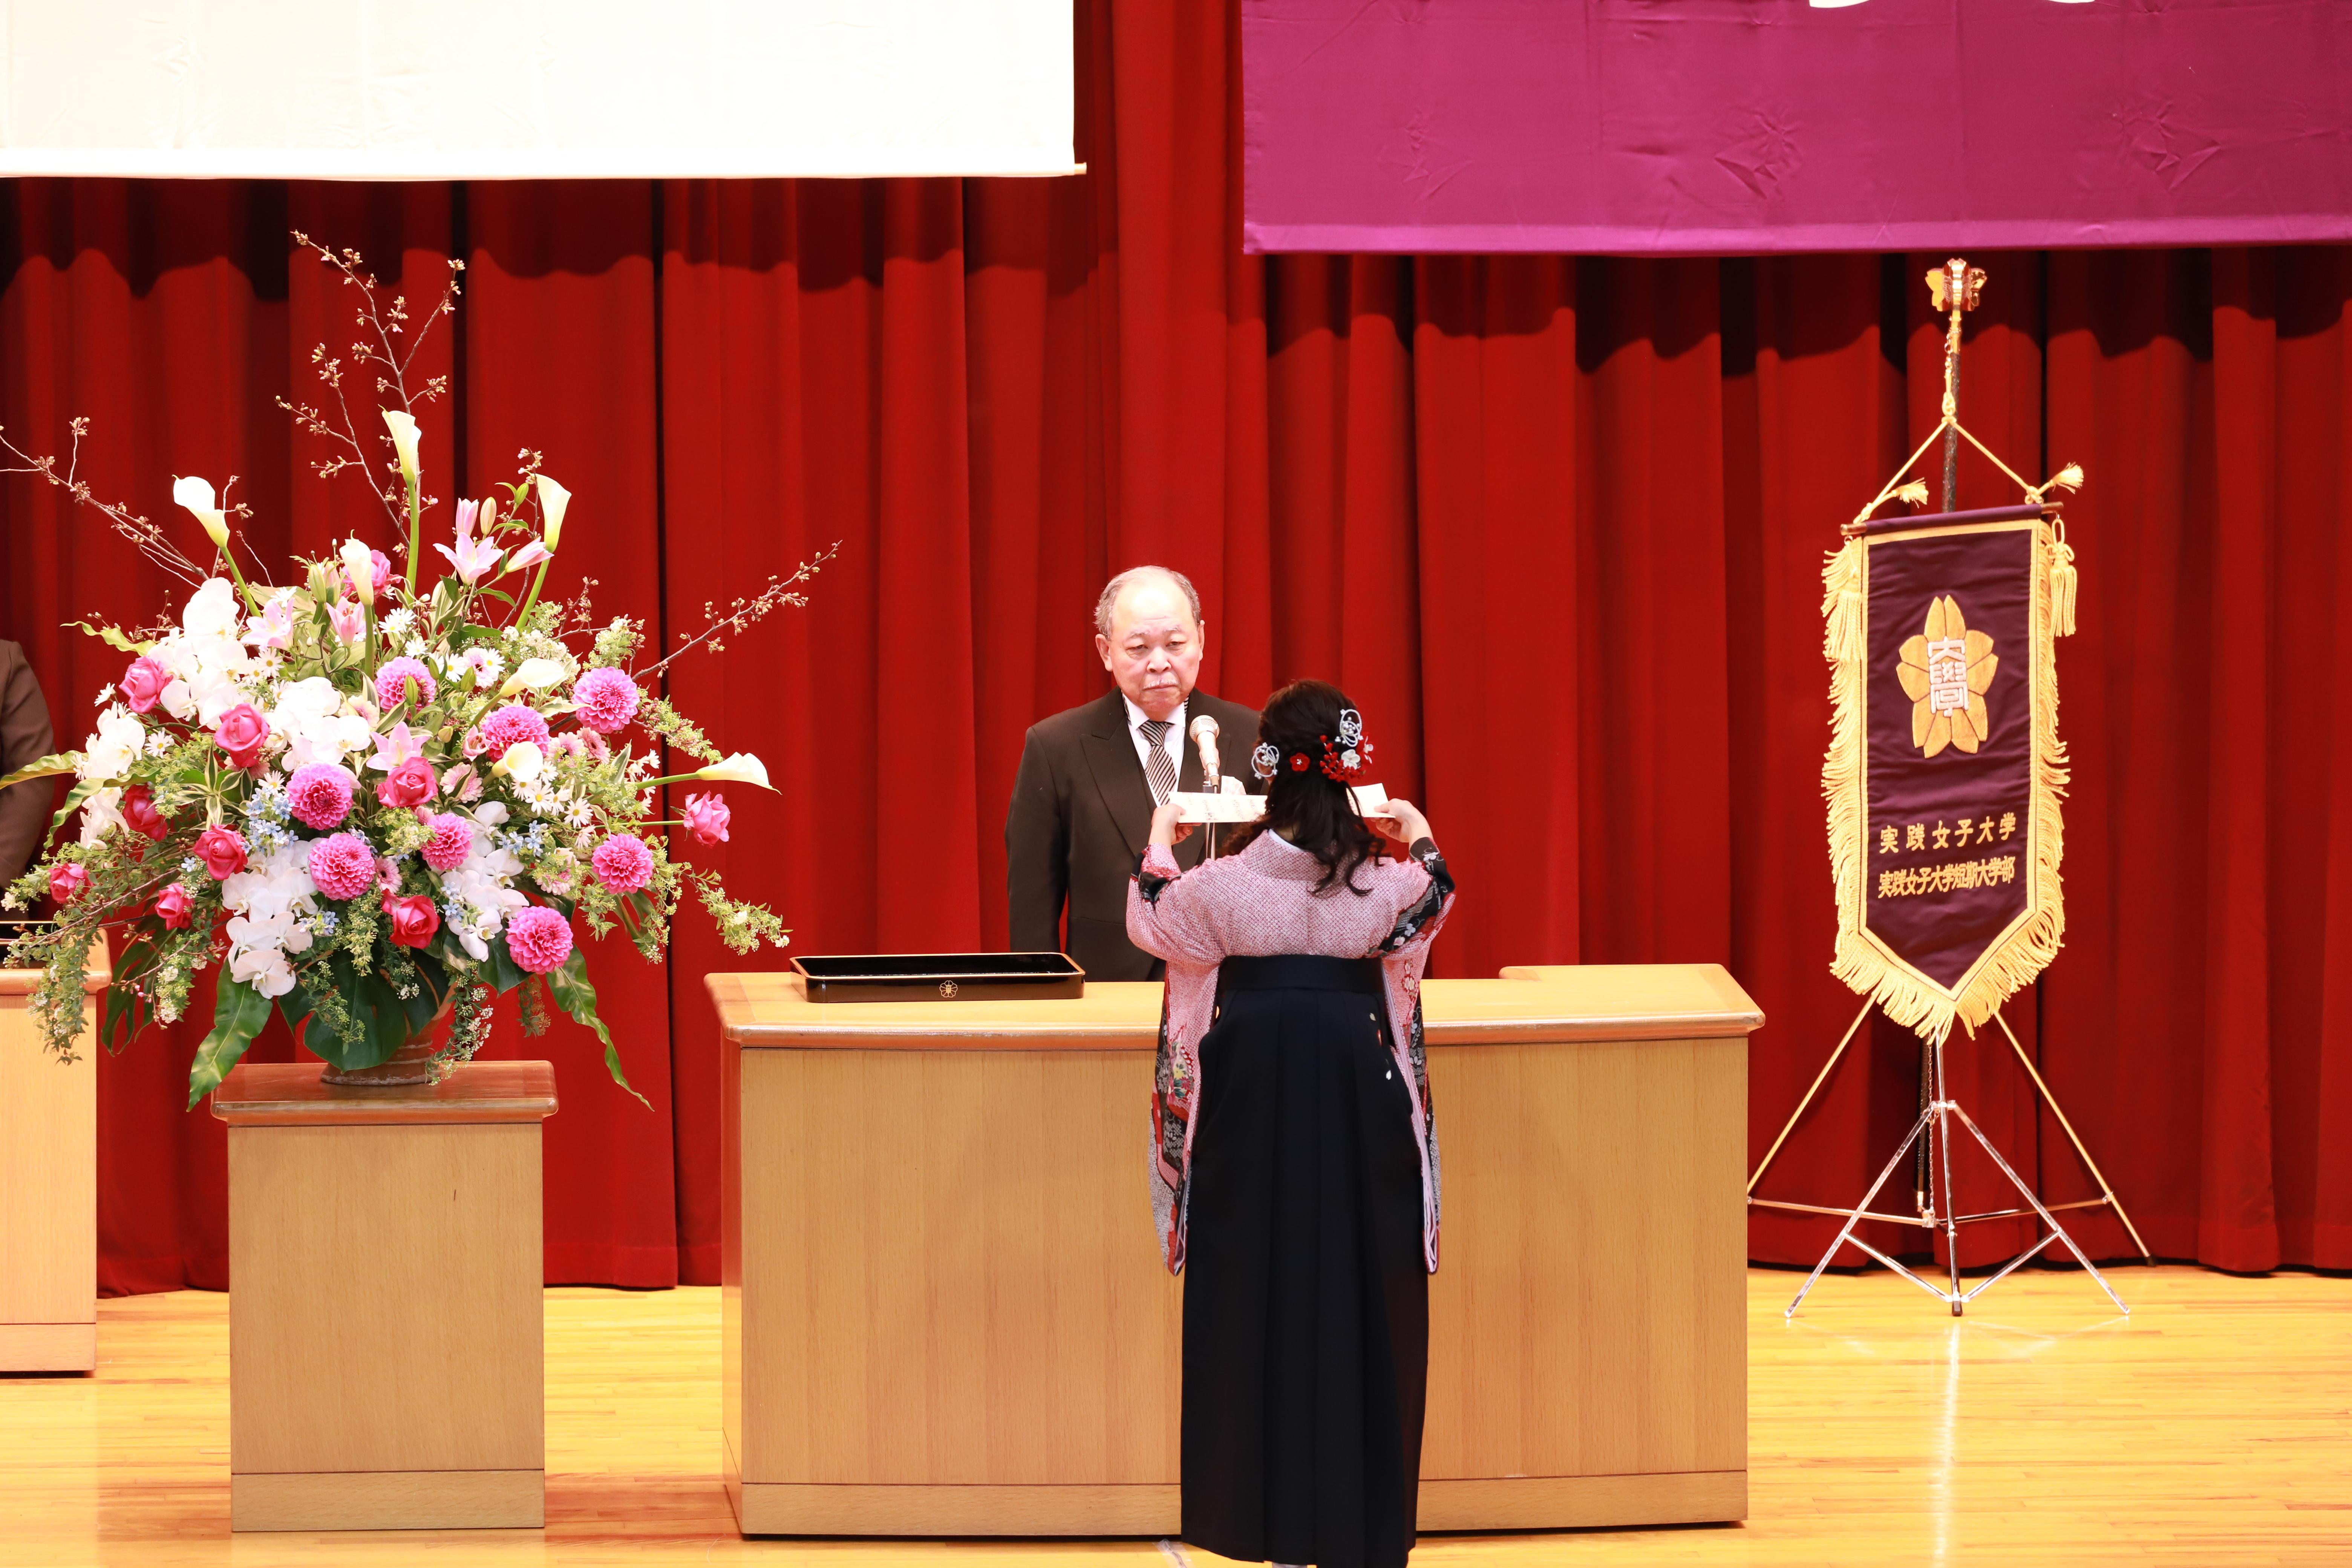 実践女子大学 卒業証書・学位授与式 渋谷・日野の各キャンパスにて挙行 『平成を締めくくる最後の年の卒業式』